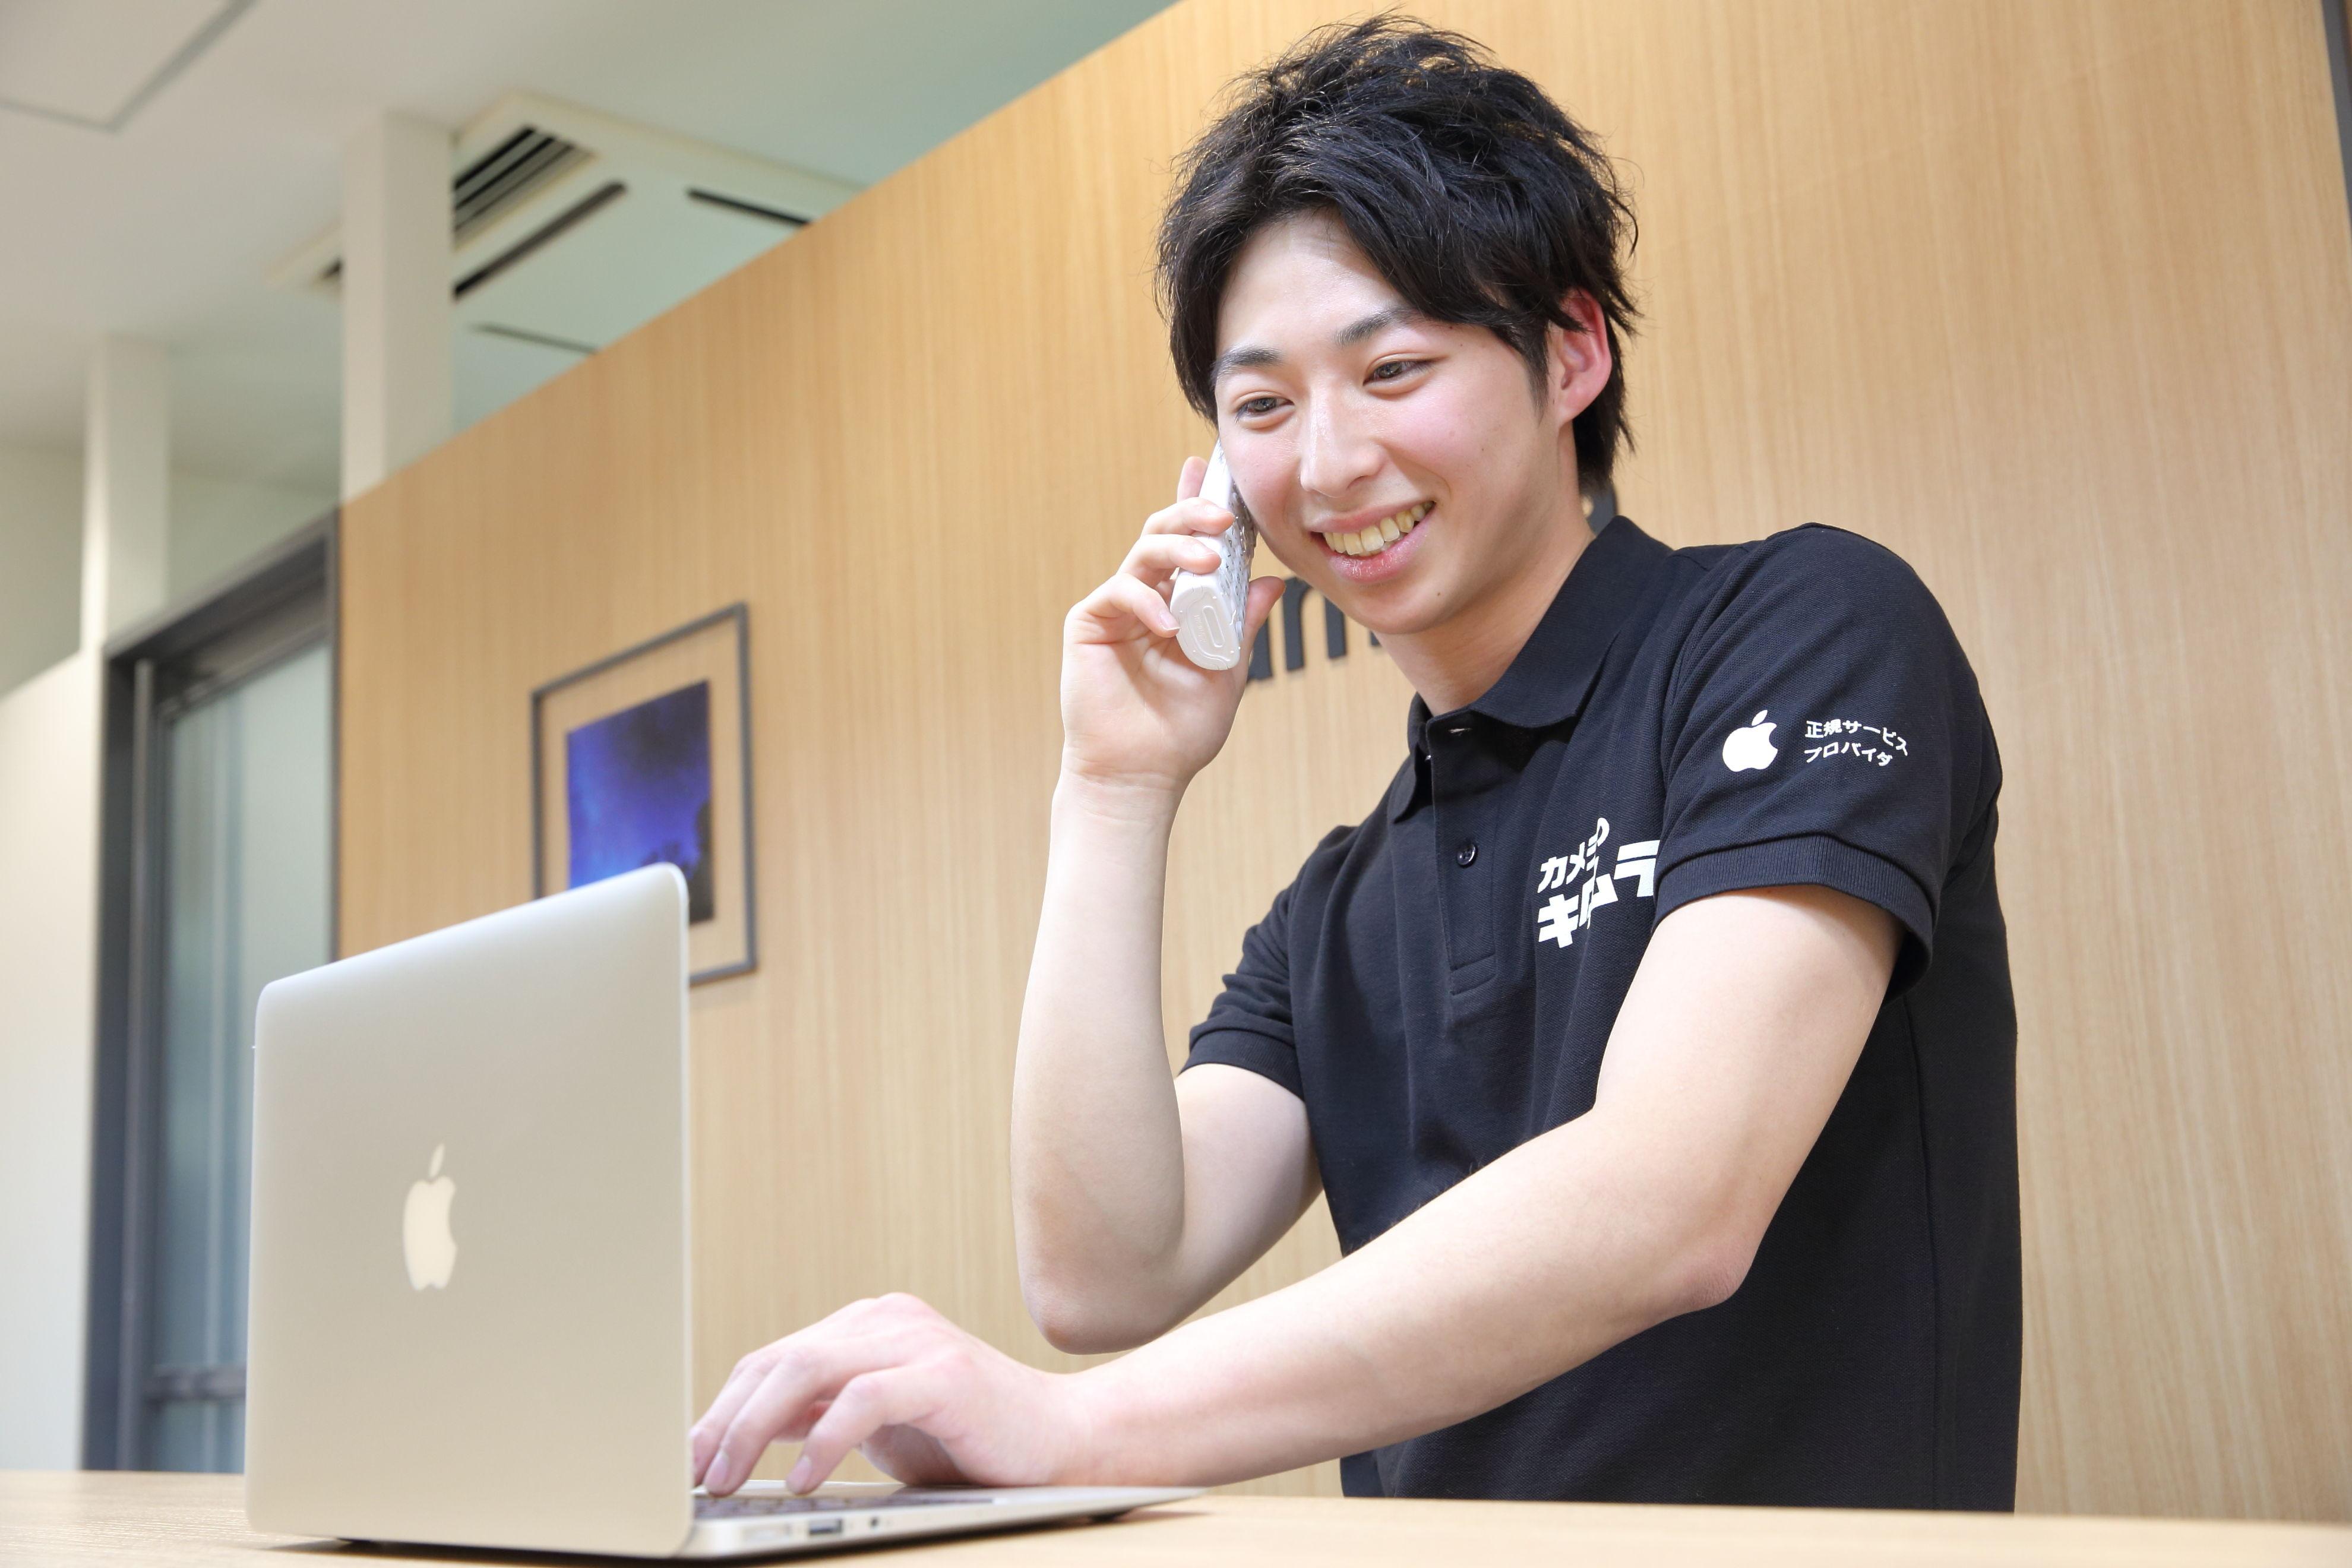 カメラのキタムラ アップル製品サービス 吹田/ららぽーとEXPOCITY のアルバイト情報